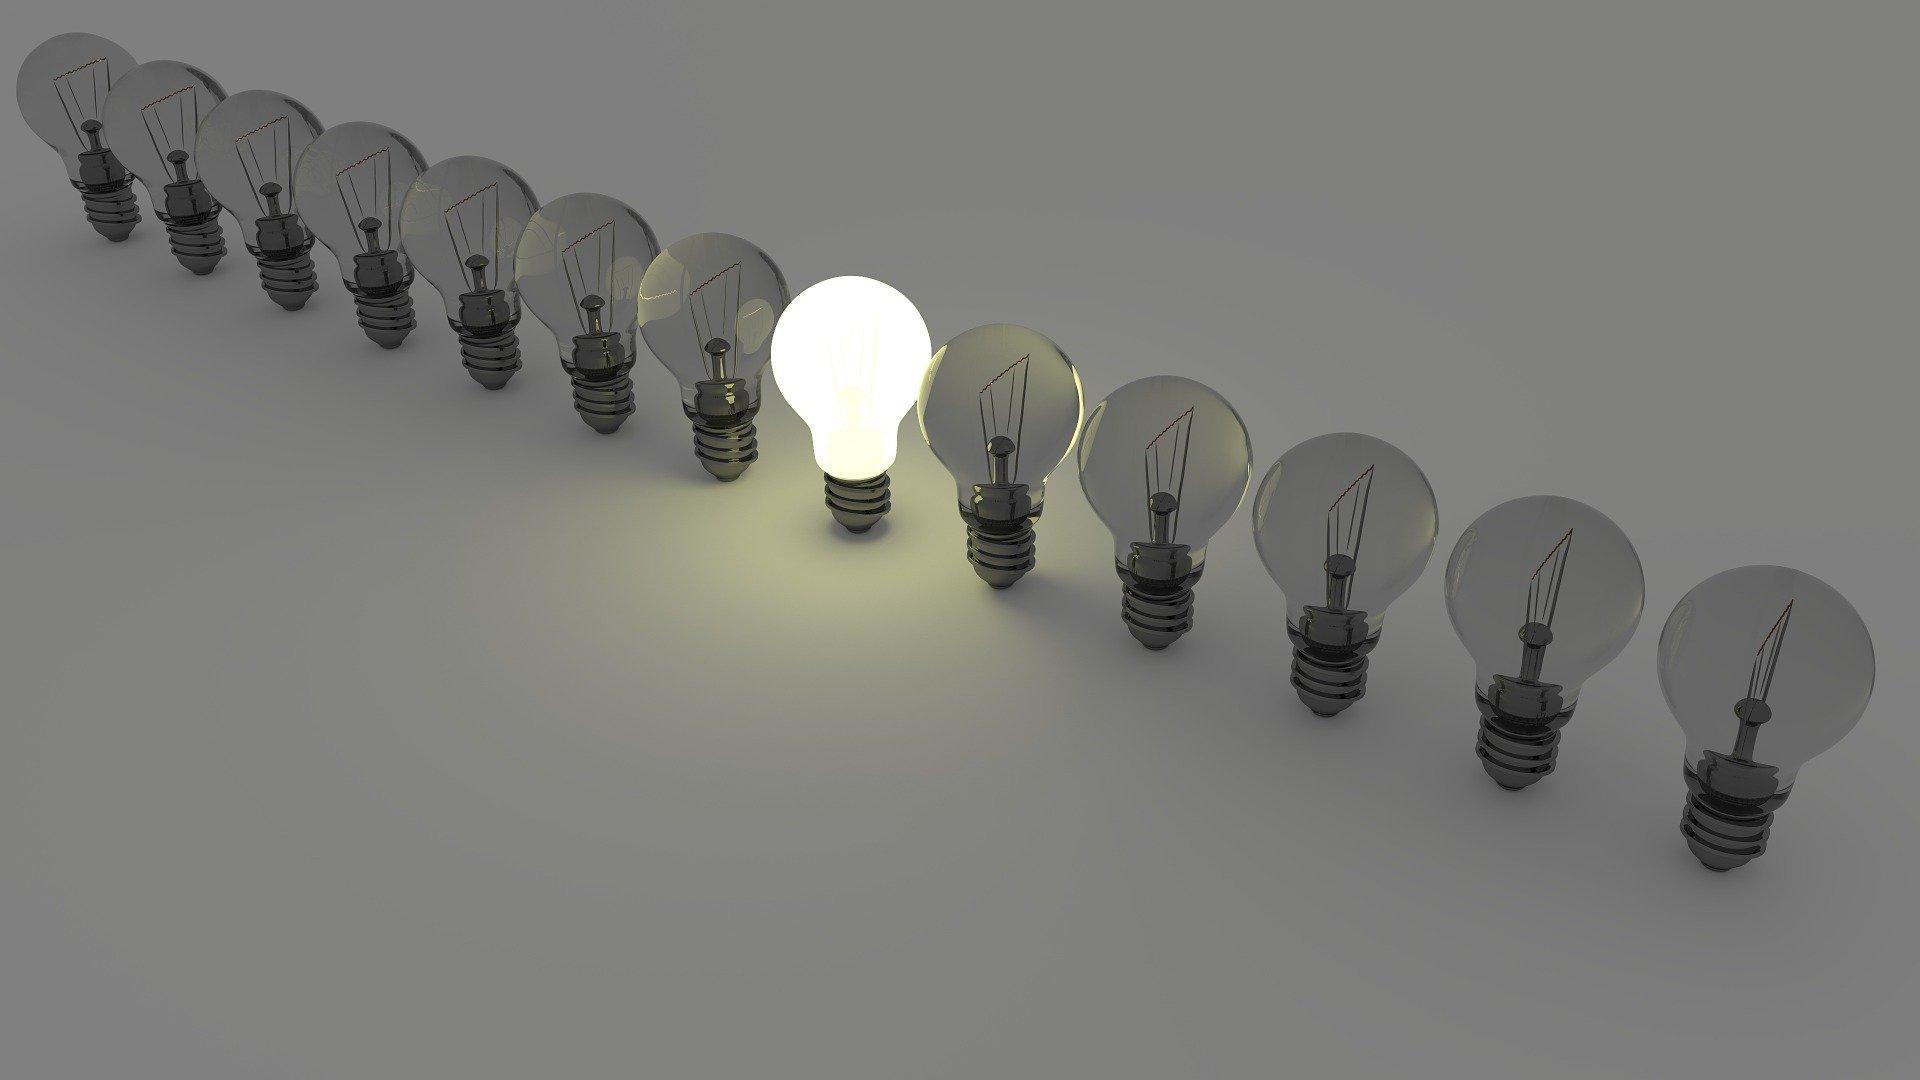 light bulbs 1125016 1920